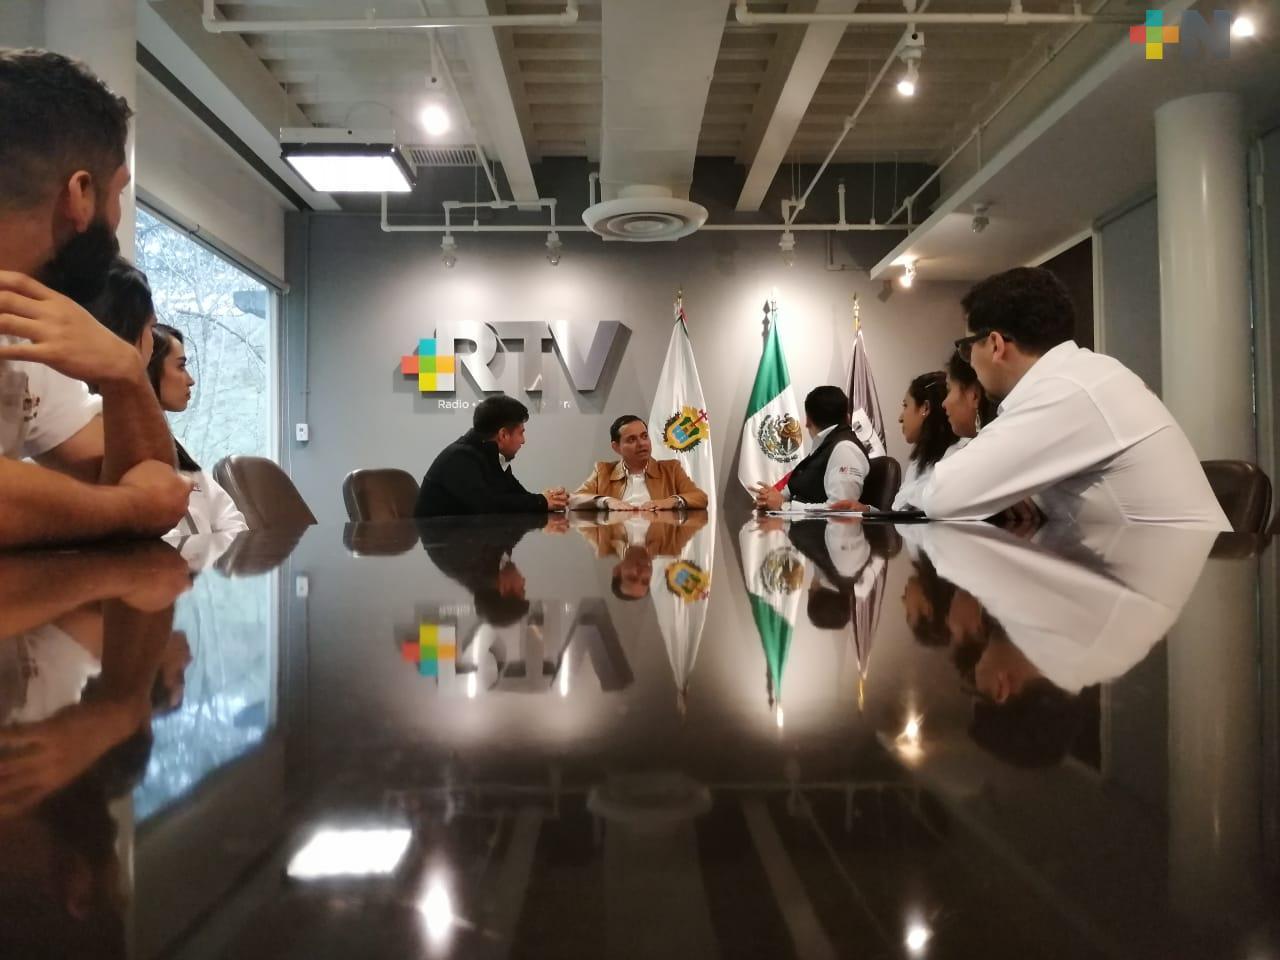 Directores del IMJUVE y de RTV refrendan colaboración con producciones dirigidas a jóvenes